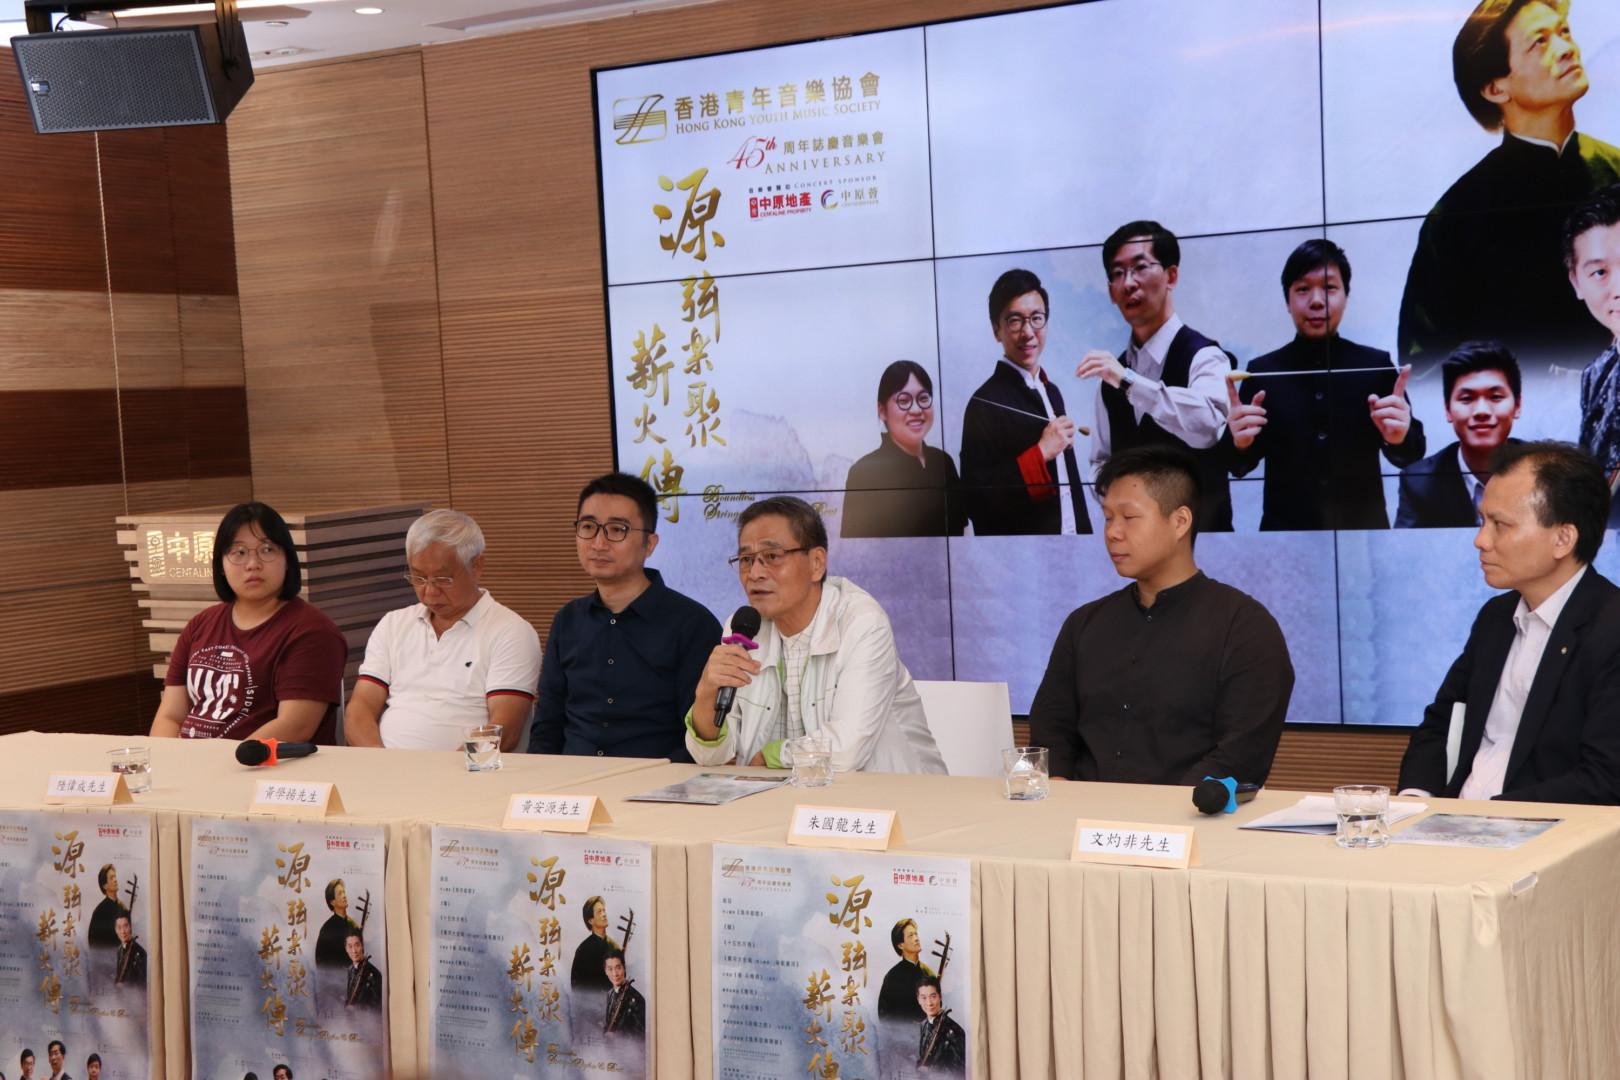 黃安源(左四)憶述33年前曾為青協的音樂會指揮。他指,青協作為香港本地的業餘音樂團體,45年以來努力不懈推廣中樂,非常難得。